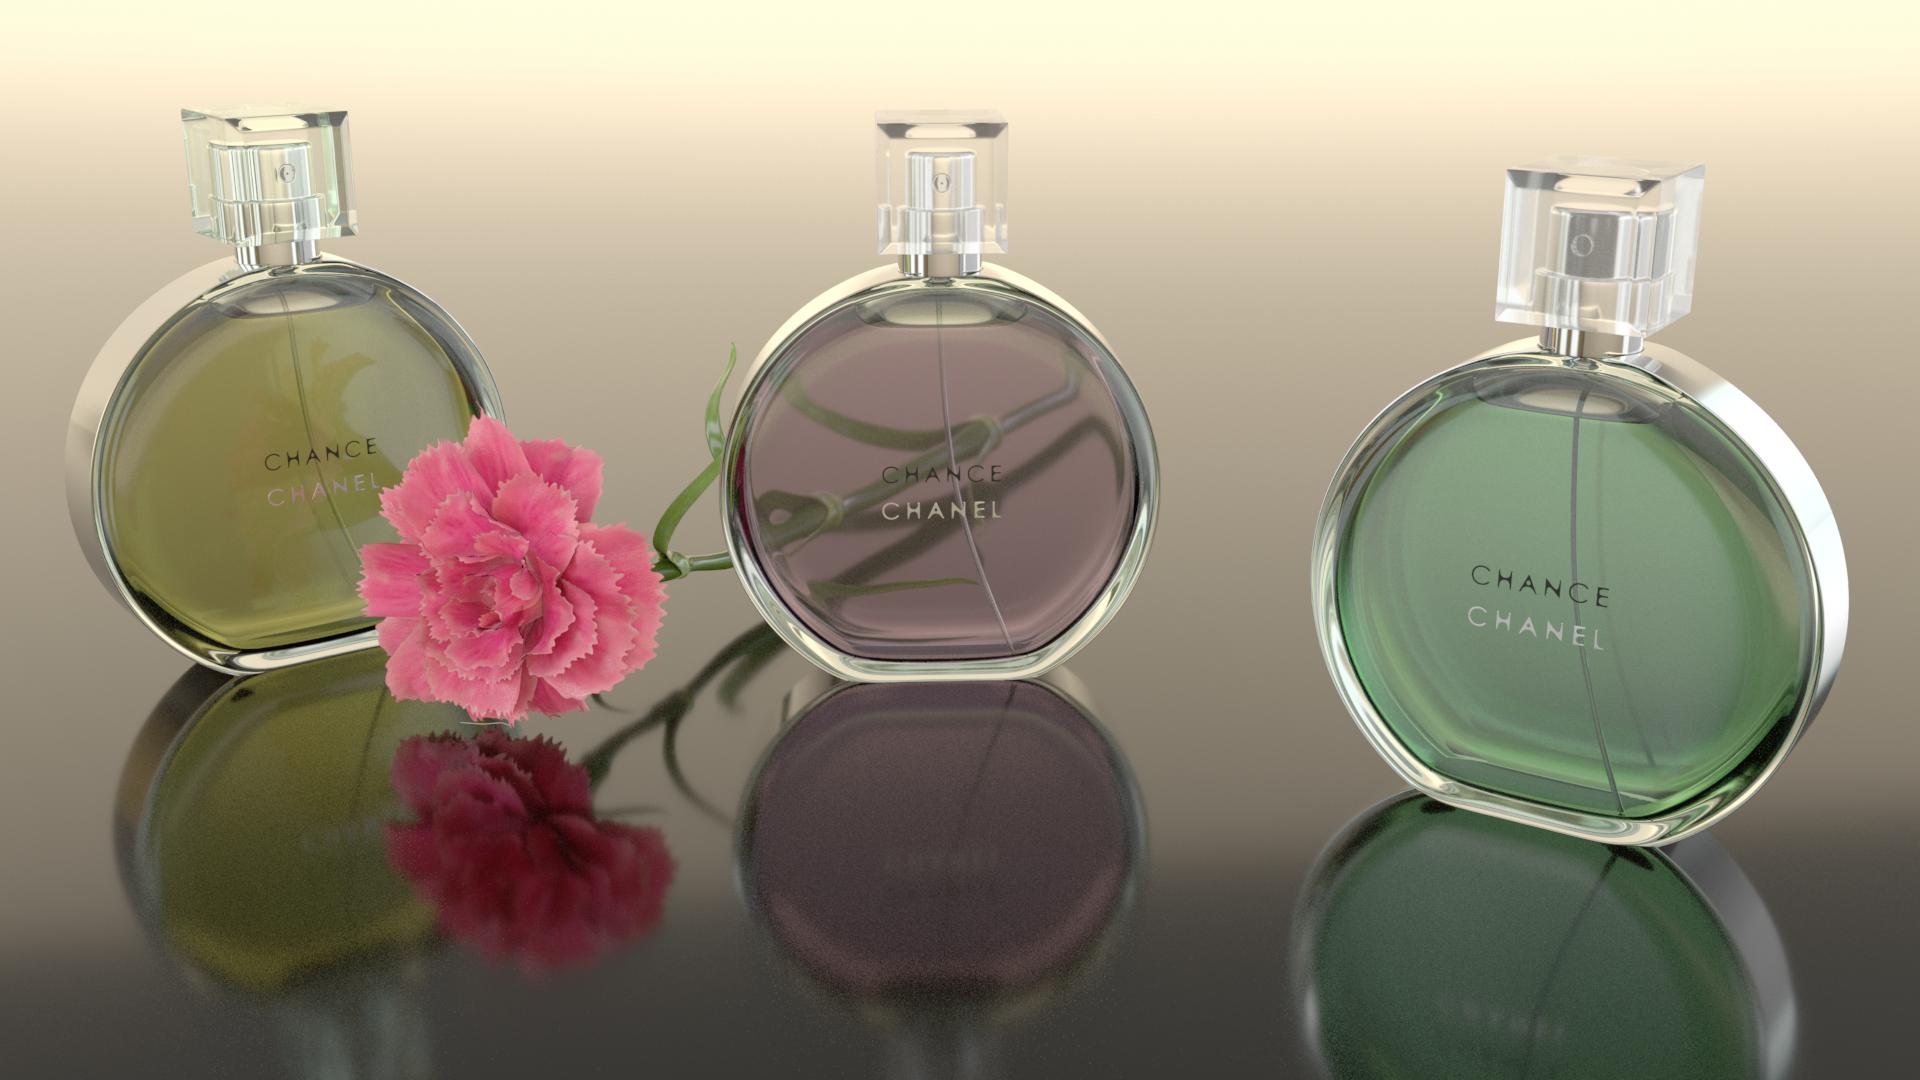 Perfumes scene by VizPeople